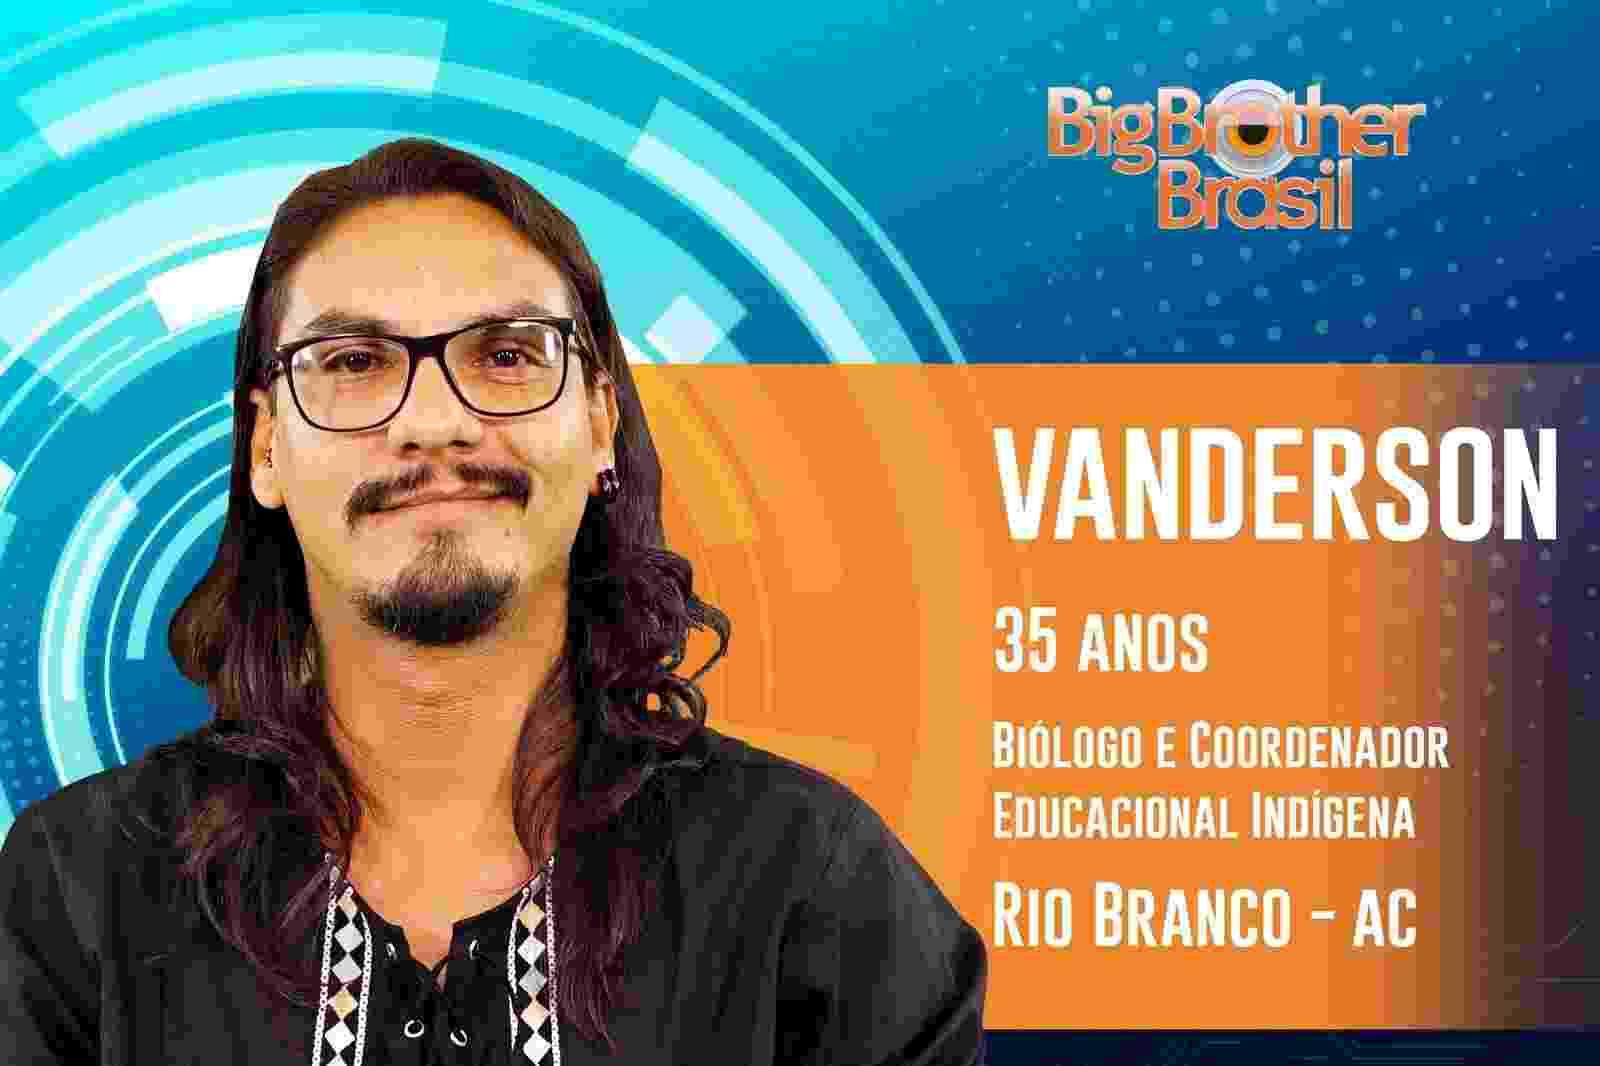 Vanderson é o décimo sétimo participante do ?BBB19? - Reprodução/TvGlobo